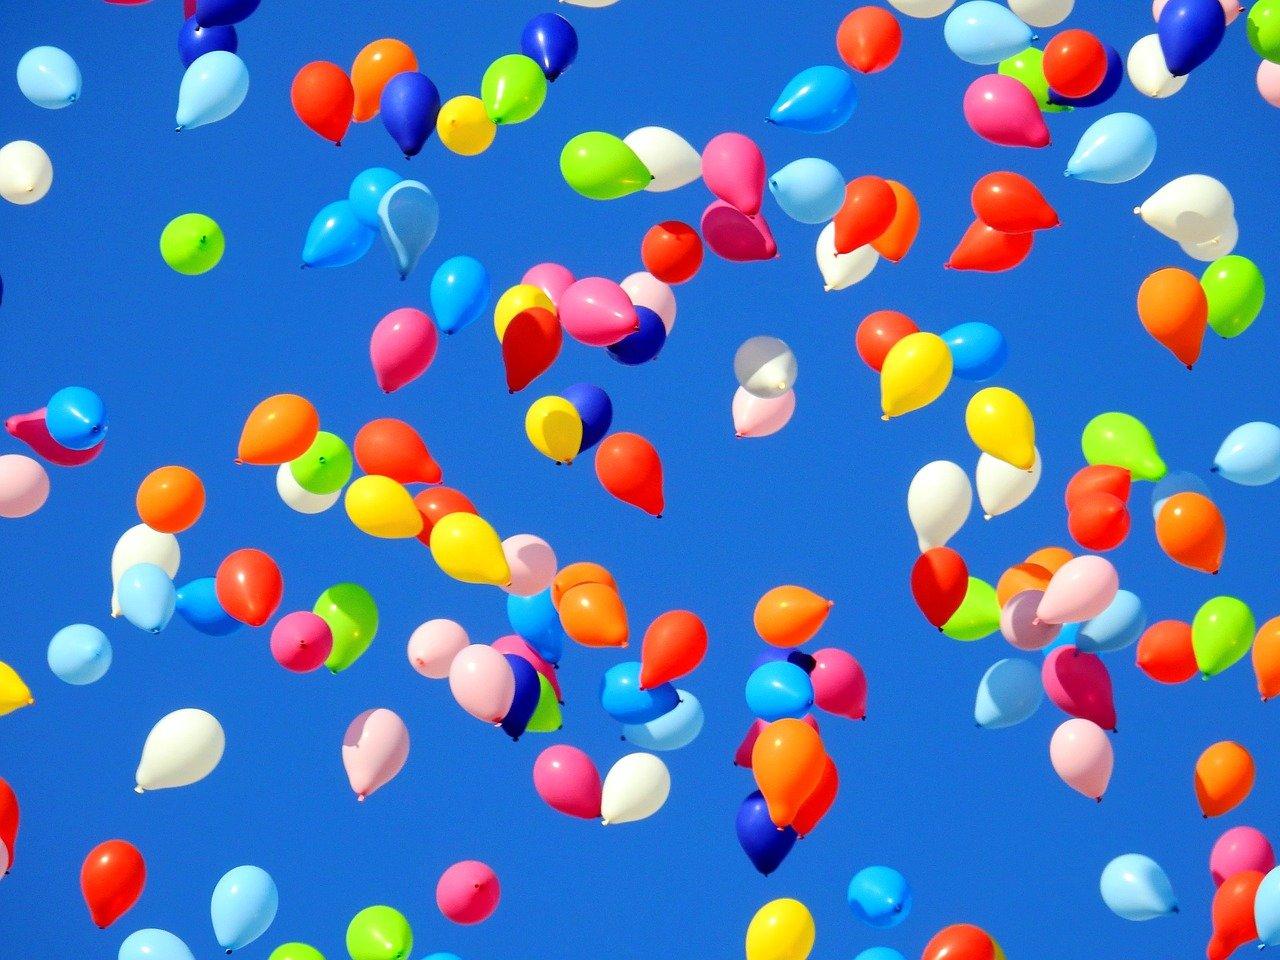 balloon-g58d3603c6_1280